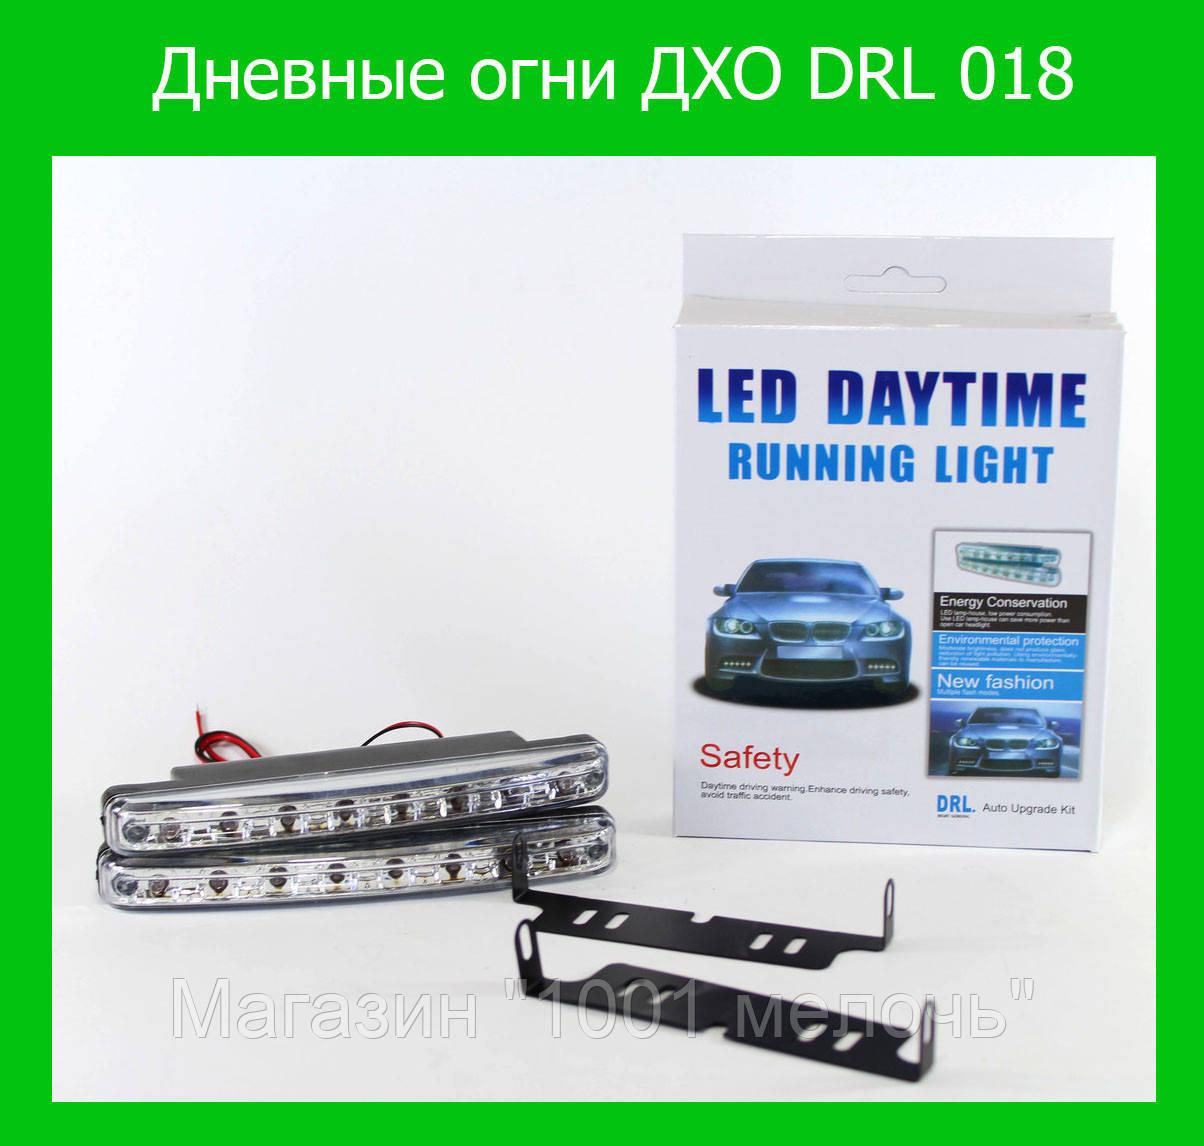 Дневные огни ДХО DRL 018